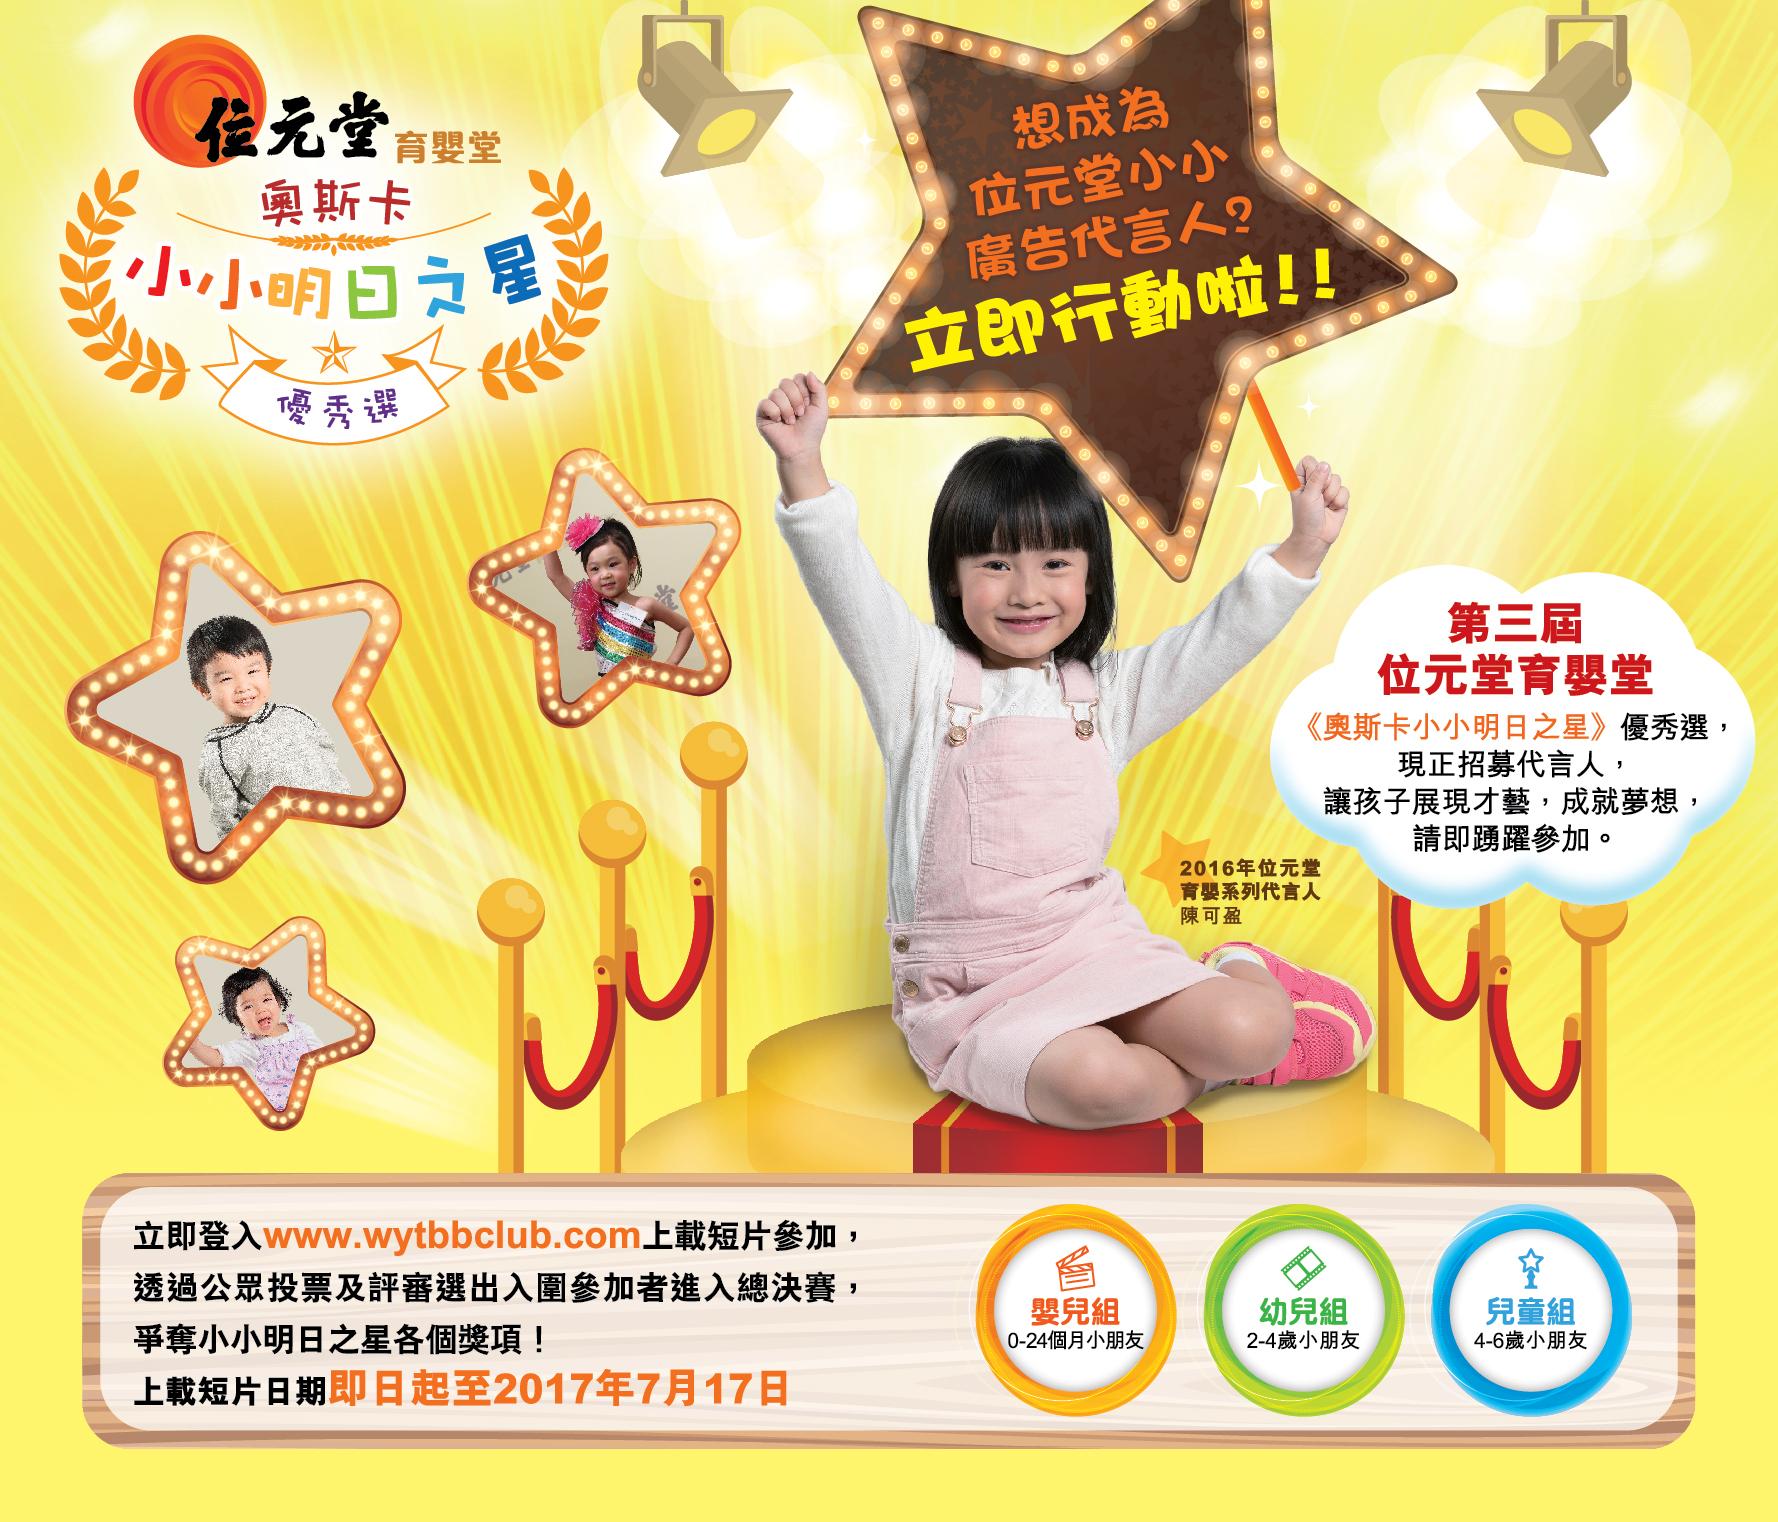 <!--:en-->Third Annual Wai Yuen Tong BB Club Oscars Kids Competition<!--:--><!--:cn-->第三届位元堂育婴堂奥斯卡小小明日之星优秀选<!--:--><!--:hk-->第三屆位元堂育嬰堂奧斯卡小小明日之星優秀選<!--:-->